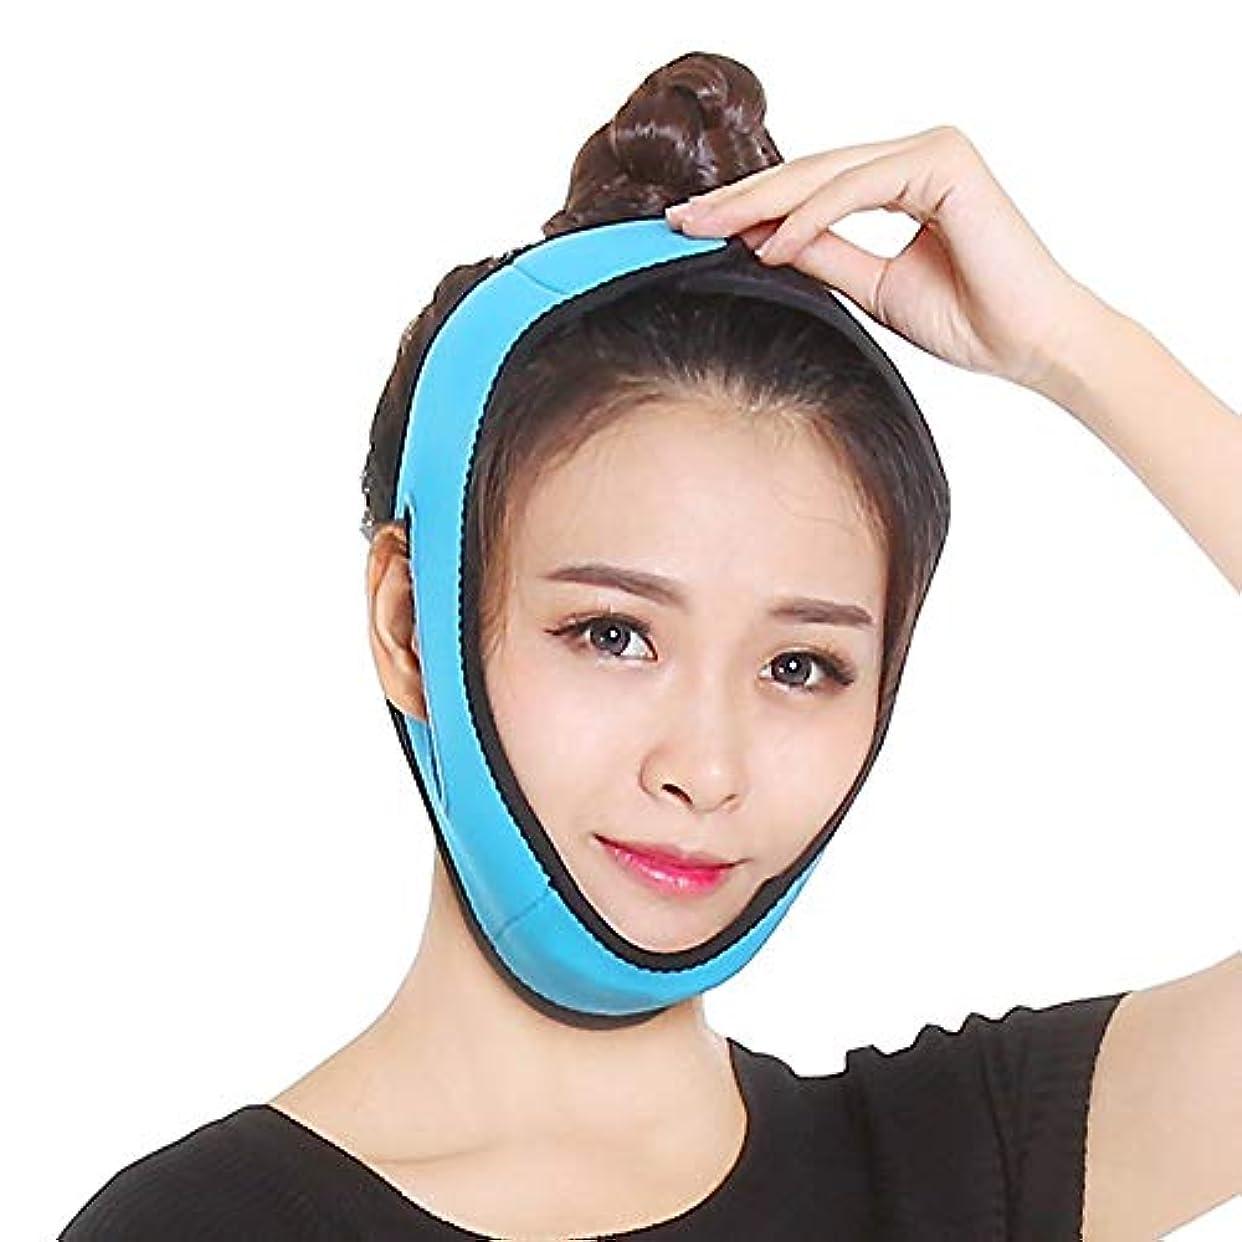 パトロール文明立場BS フェイシャルリフティングスリミングベルト - 薄いフェイス包帯二重あごデバイス無料フェイシャルマッサージ整形マスクを引き締める顔と首の顔スリム フェイスリフティングアーティファクト